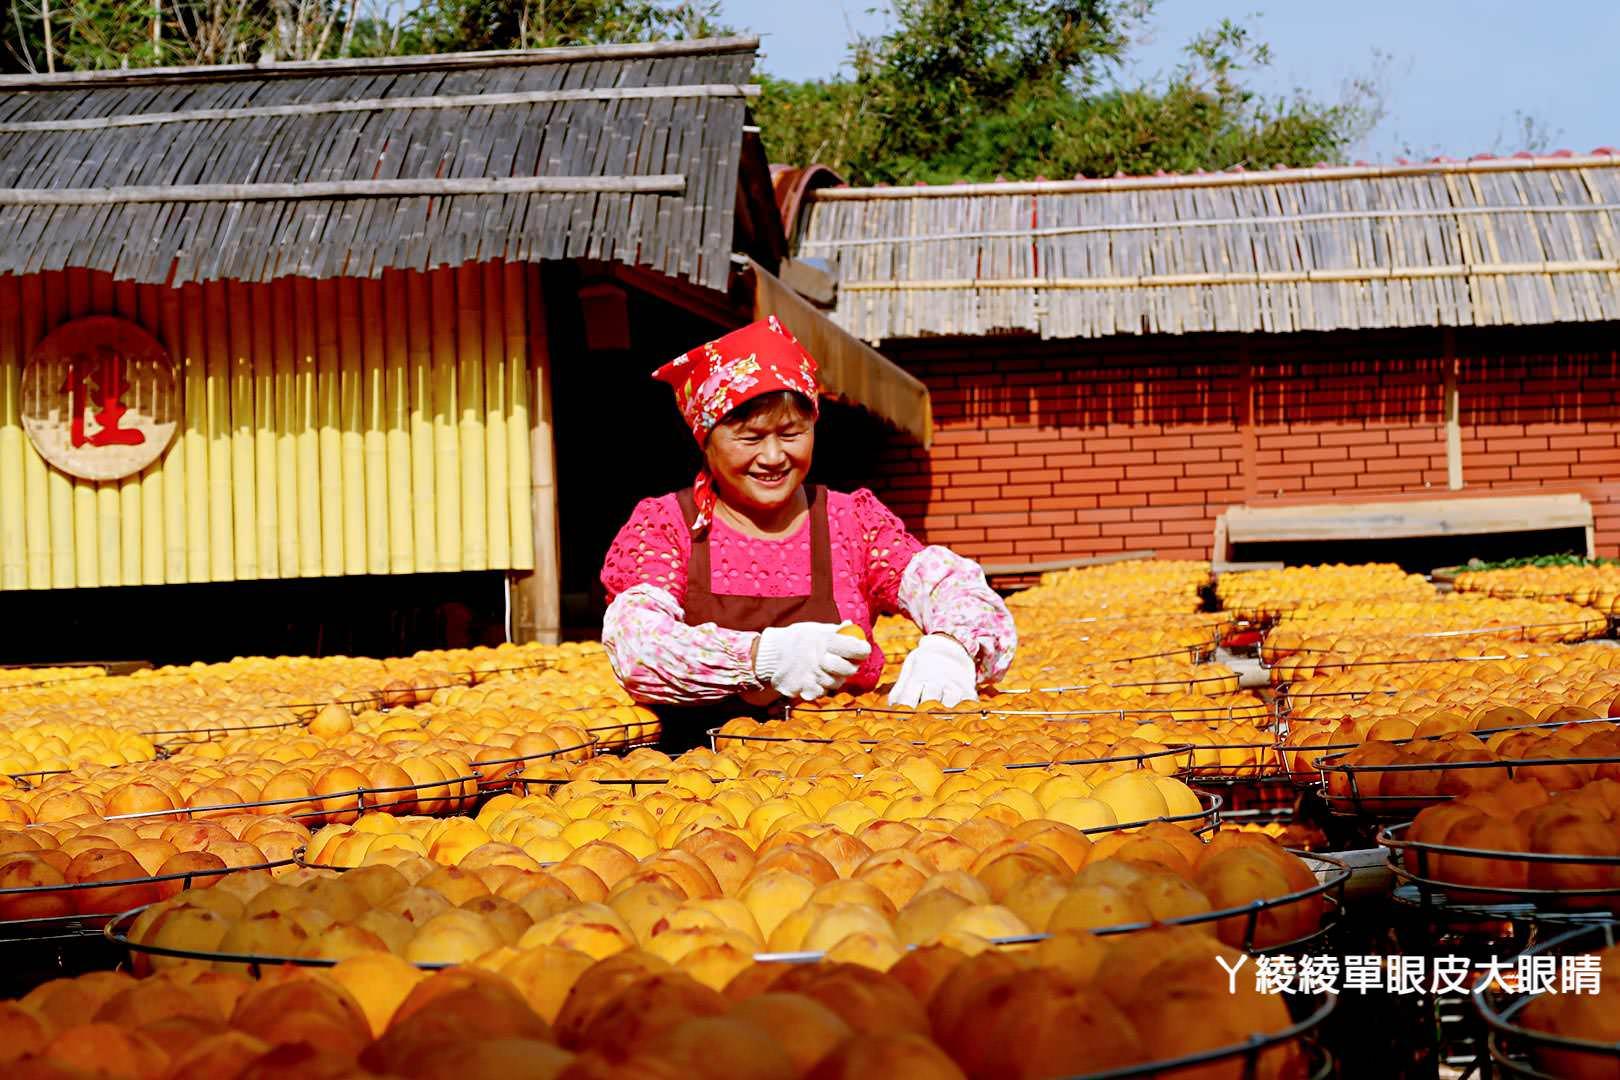 新竹旅遊景點推薦!新埔味衛佳柿餅觀光農場,一起來捏柿餅、玩柿染!